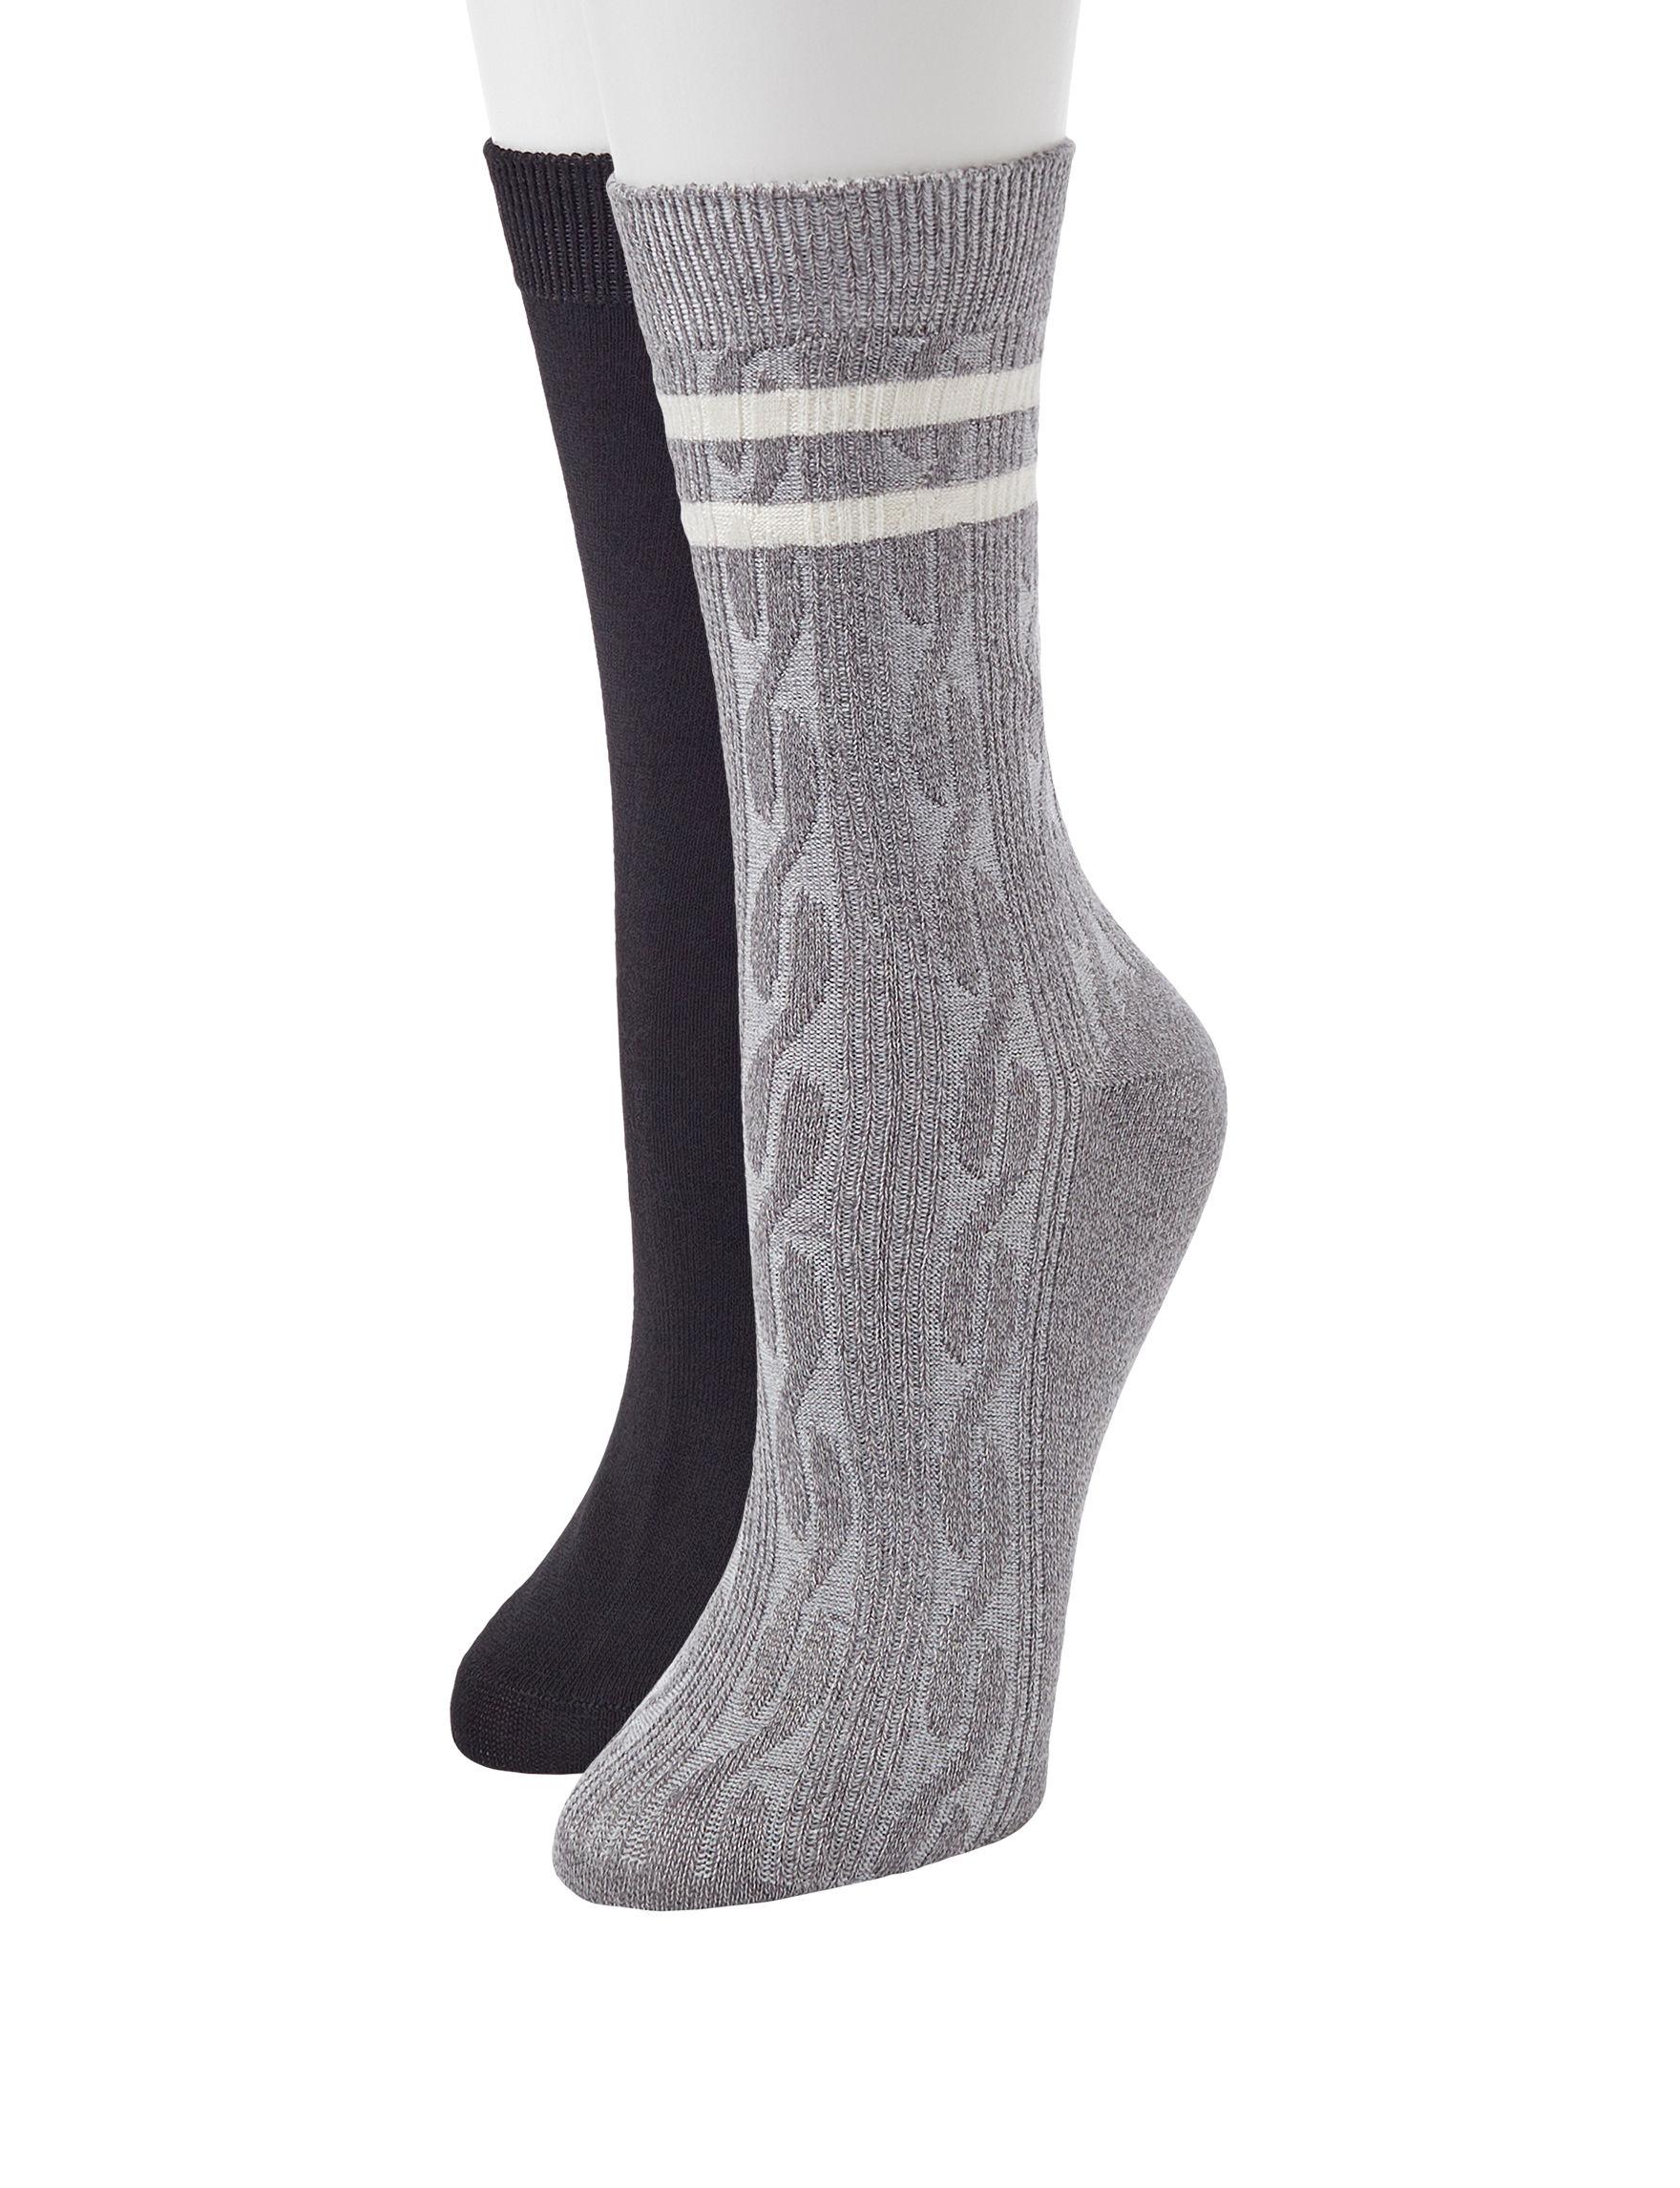 Keep Your Socks On Black / Ivory Socks